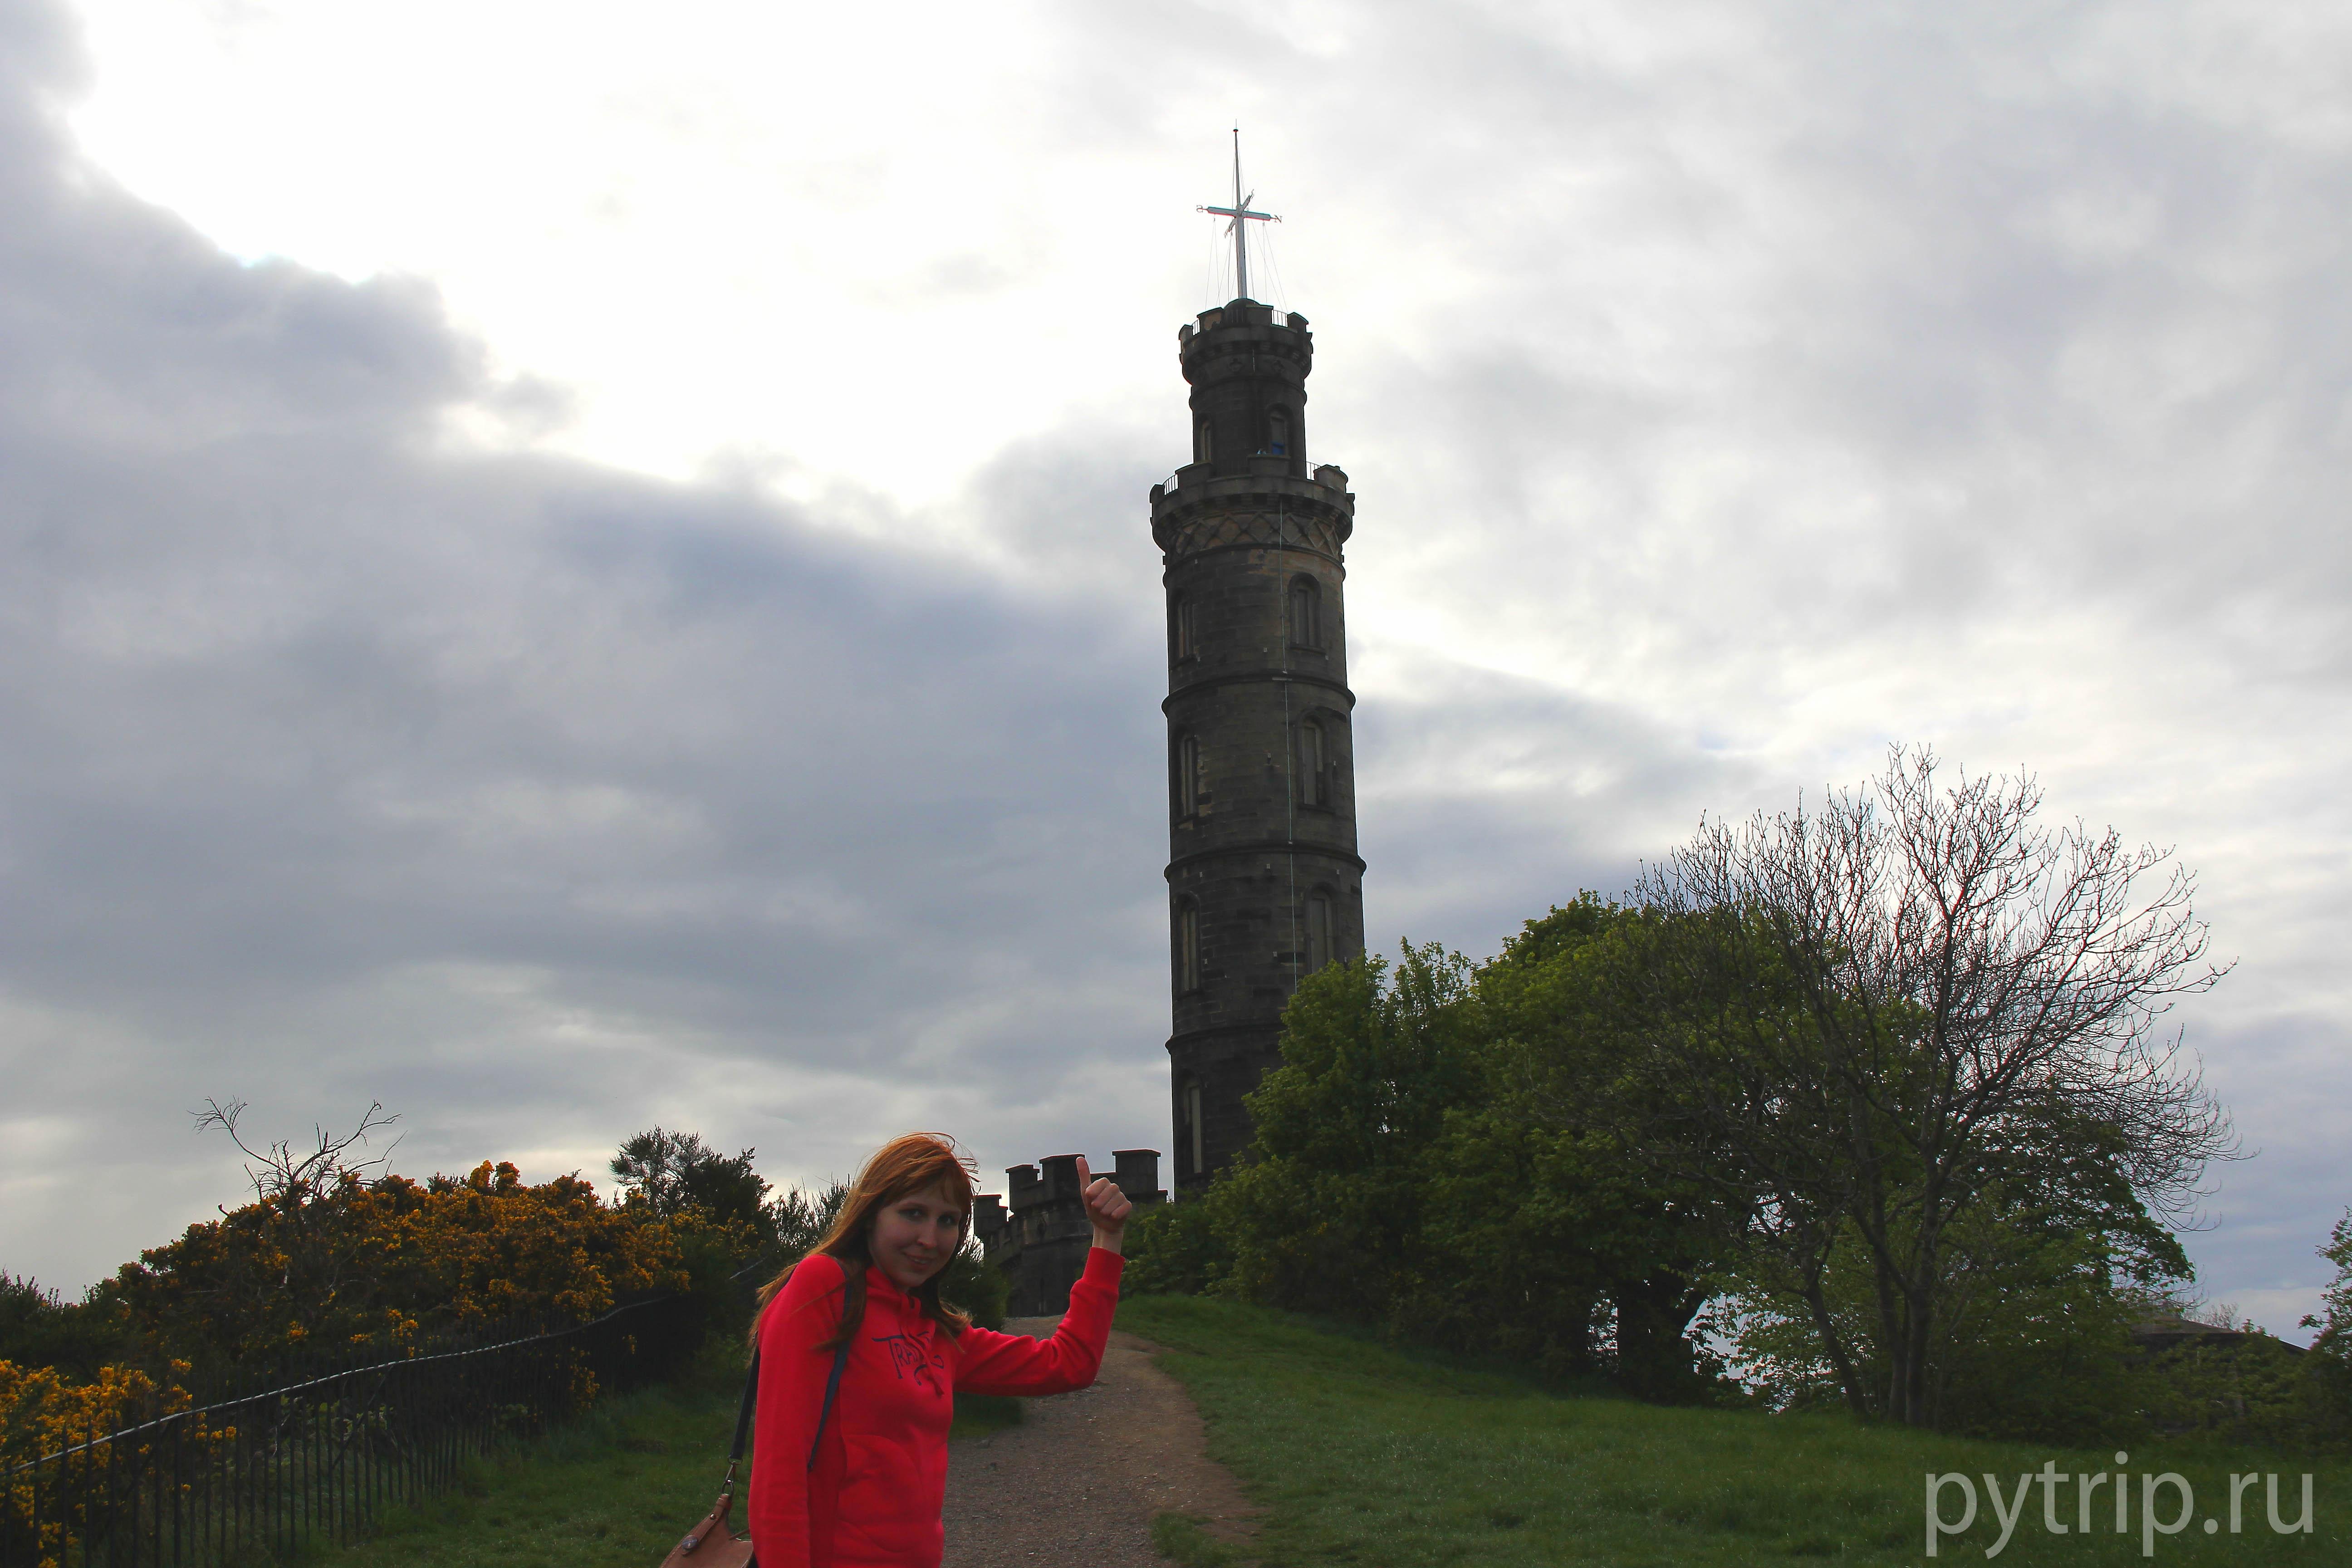 уже видна башня Нельсона.